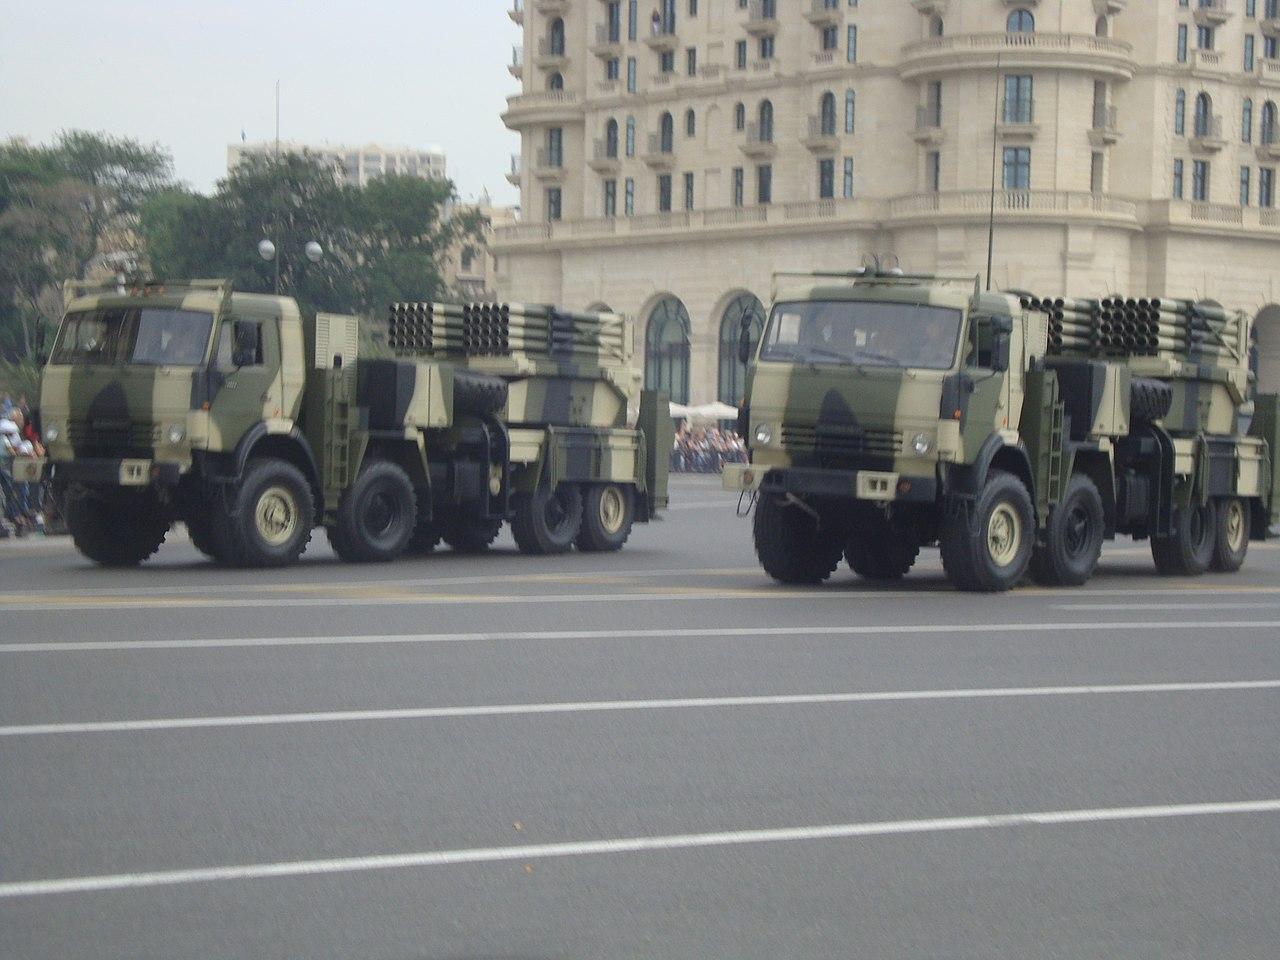 Russian MRLS: Grad, Uragan, Smerch, Tornado-G/S - Page 4 1280px-Azeri_Lynx_Grad%2C_parad_in_Baku%2C_2013